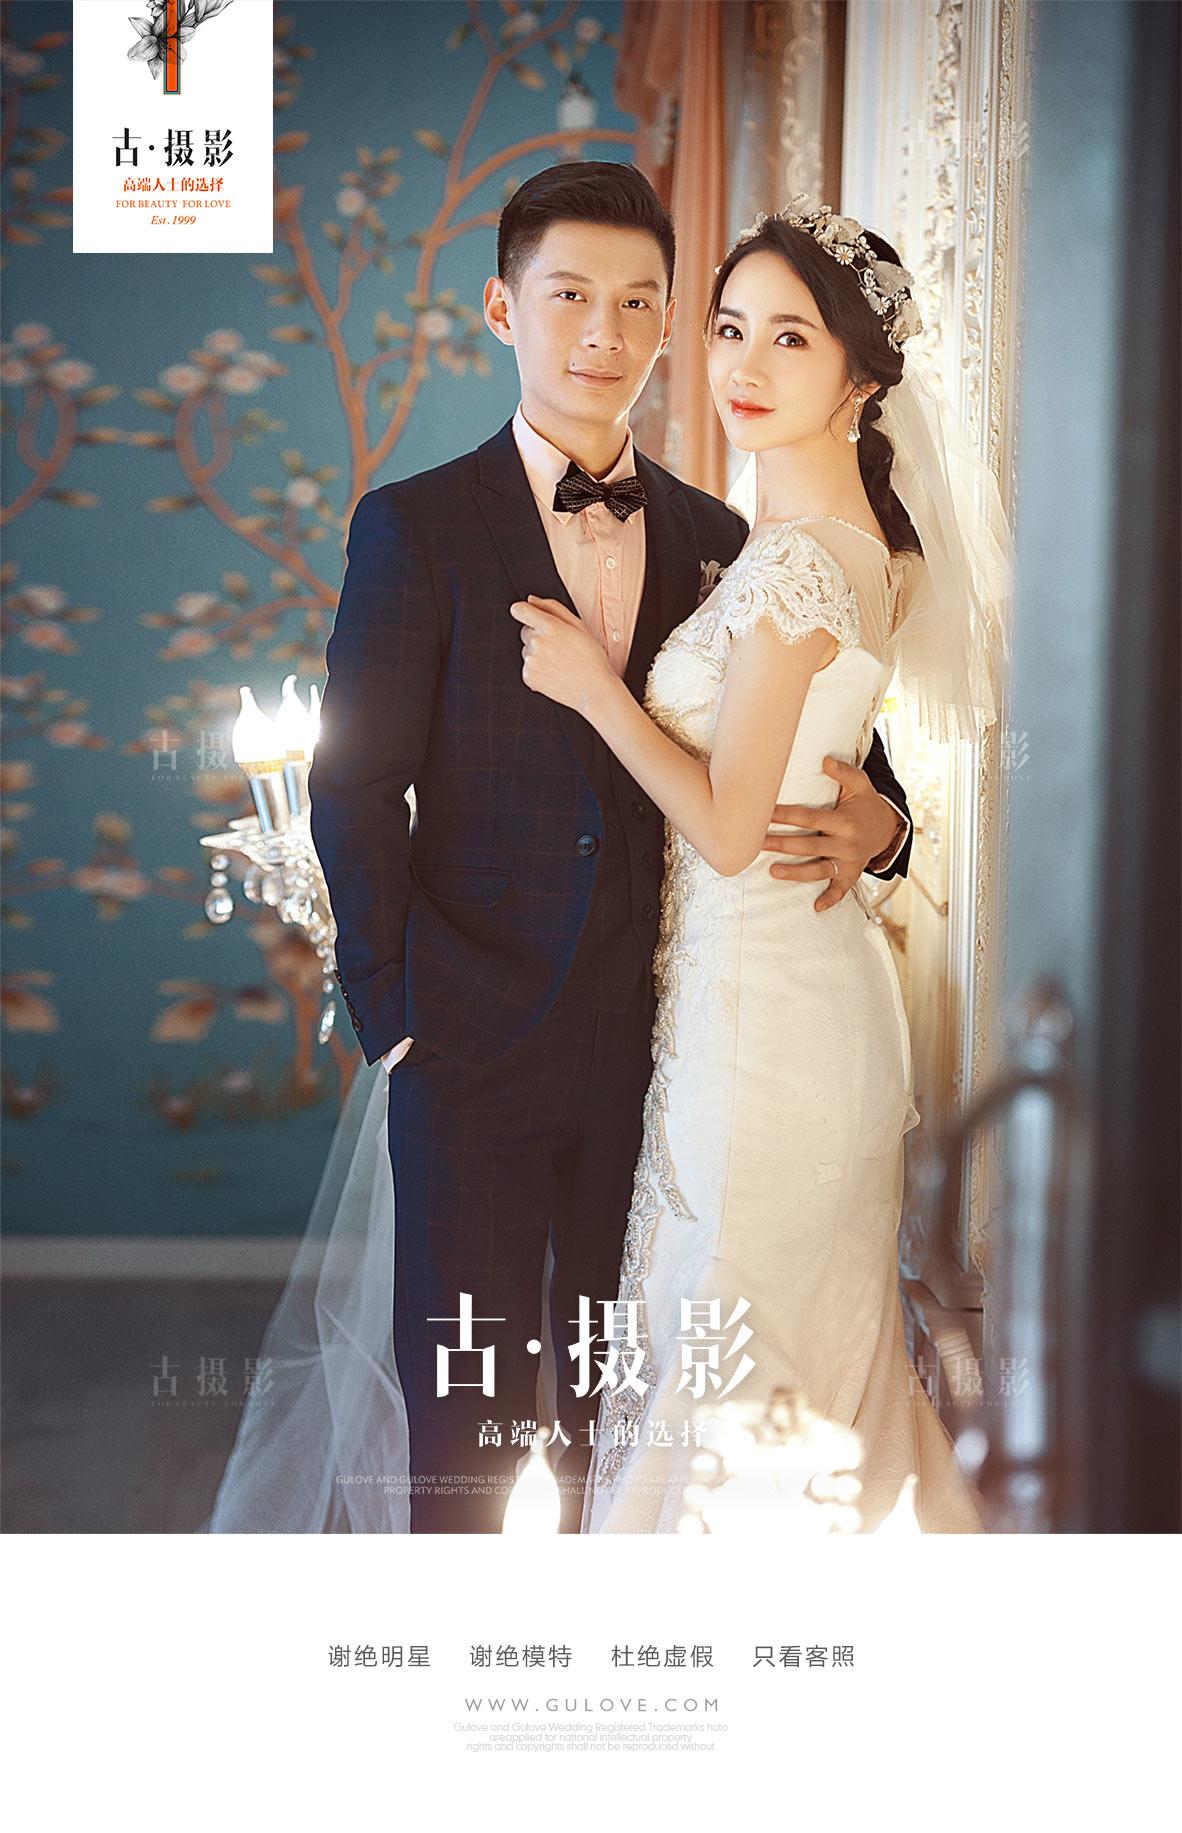 3月客照第三季 - 月度客照 - 古摄影婚纱艺术-古摄影成都婚纱摄影艺术摄影网